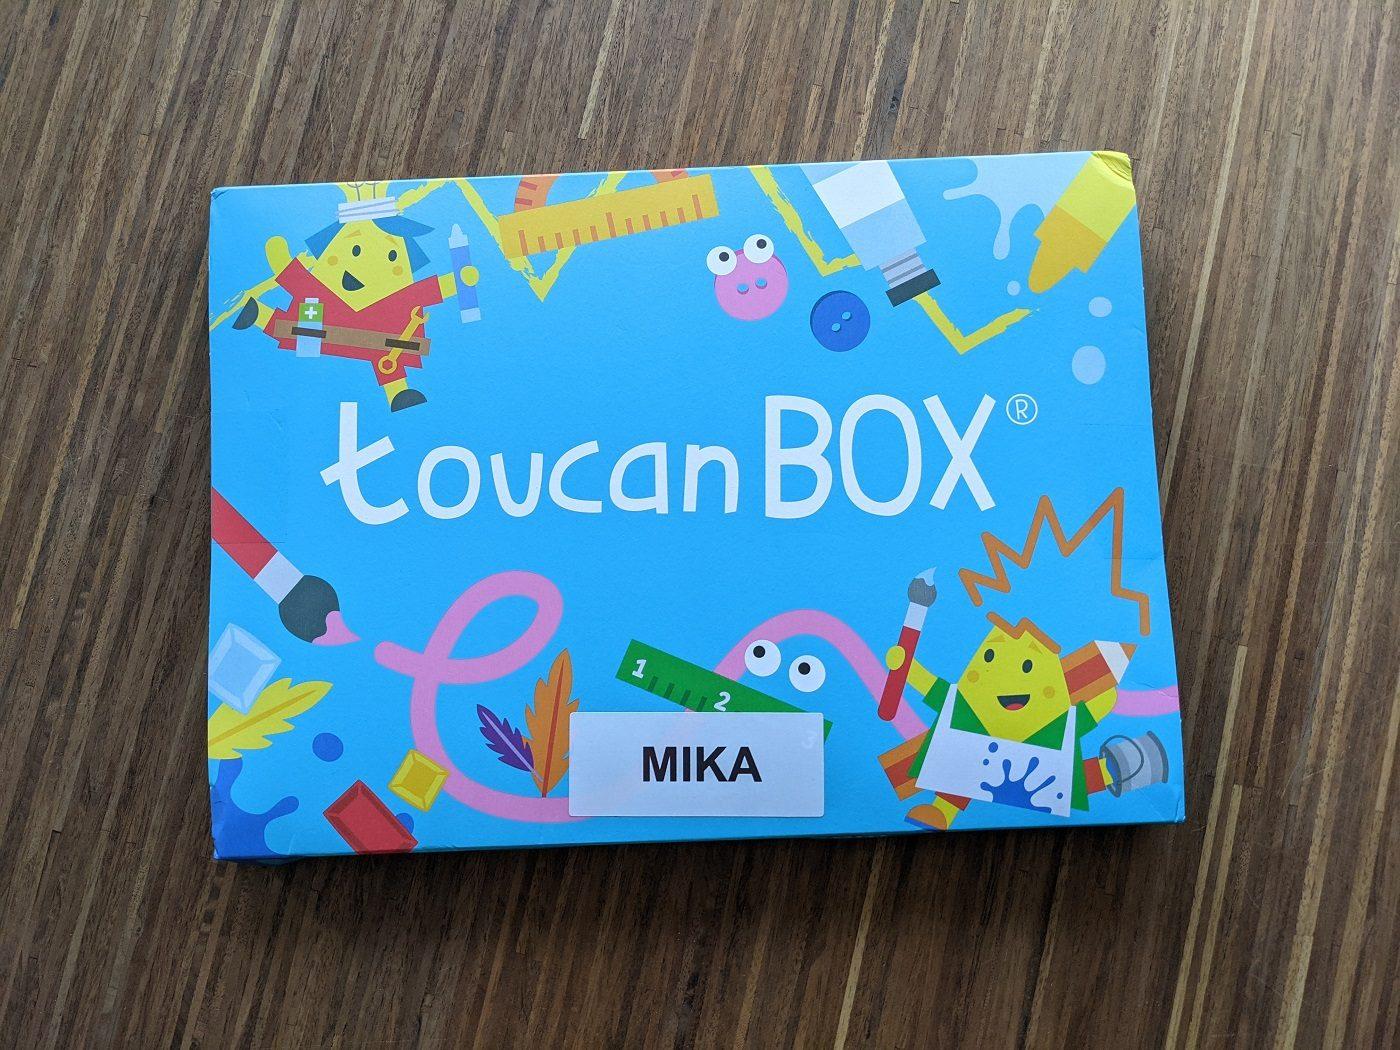 Toucanbox Packshot